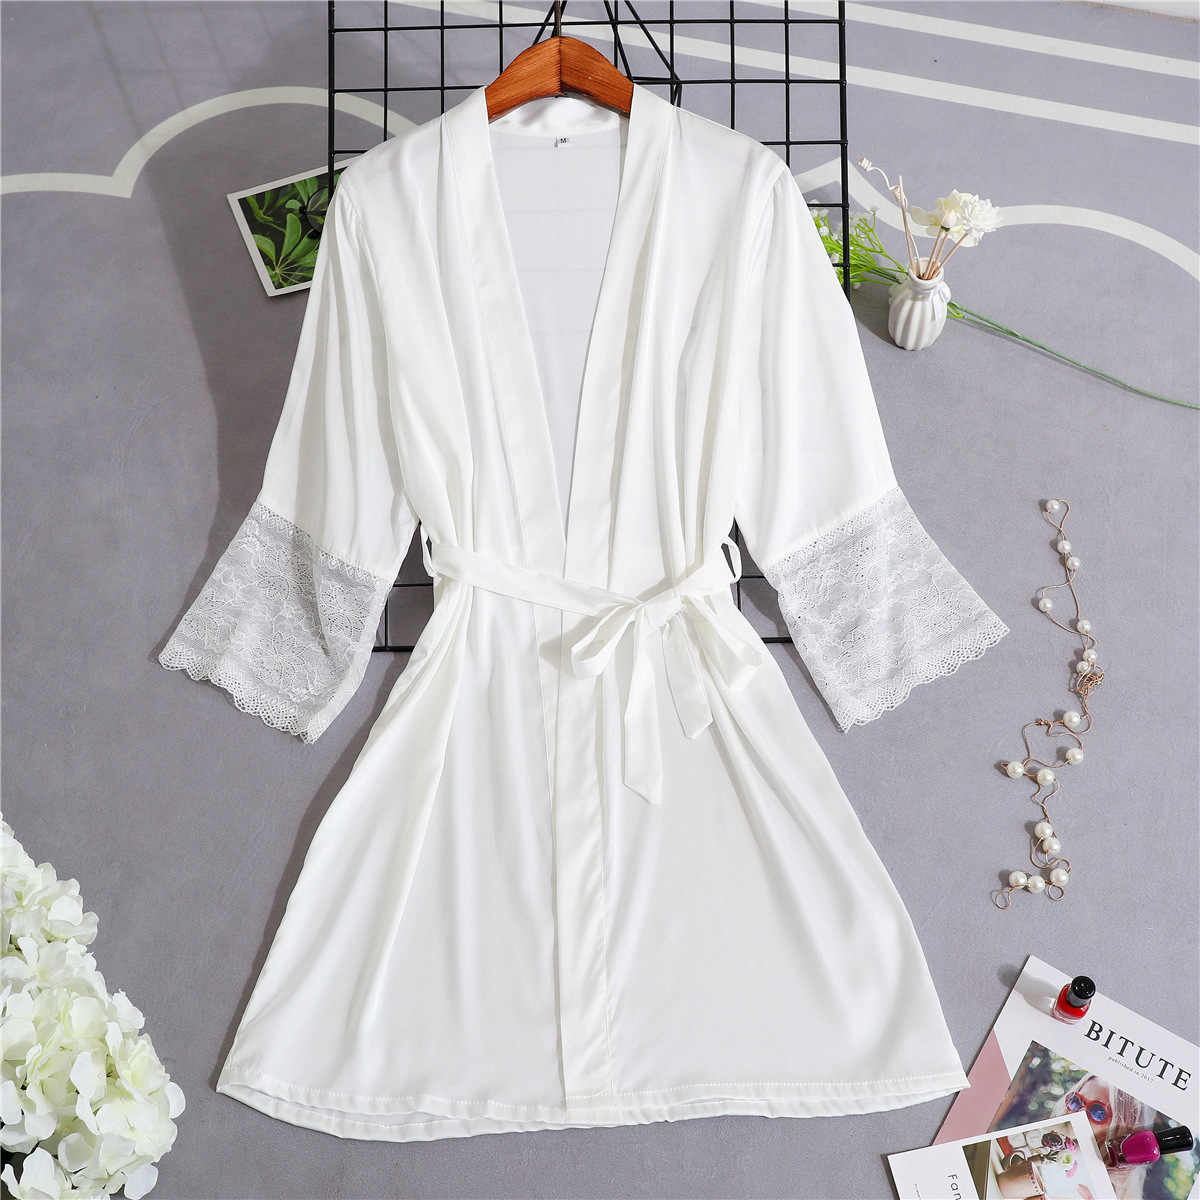 白 M-XXL レディース着物パジャマパジャマ V ネック夏の女性のパジャマ Sleepshirts